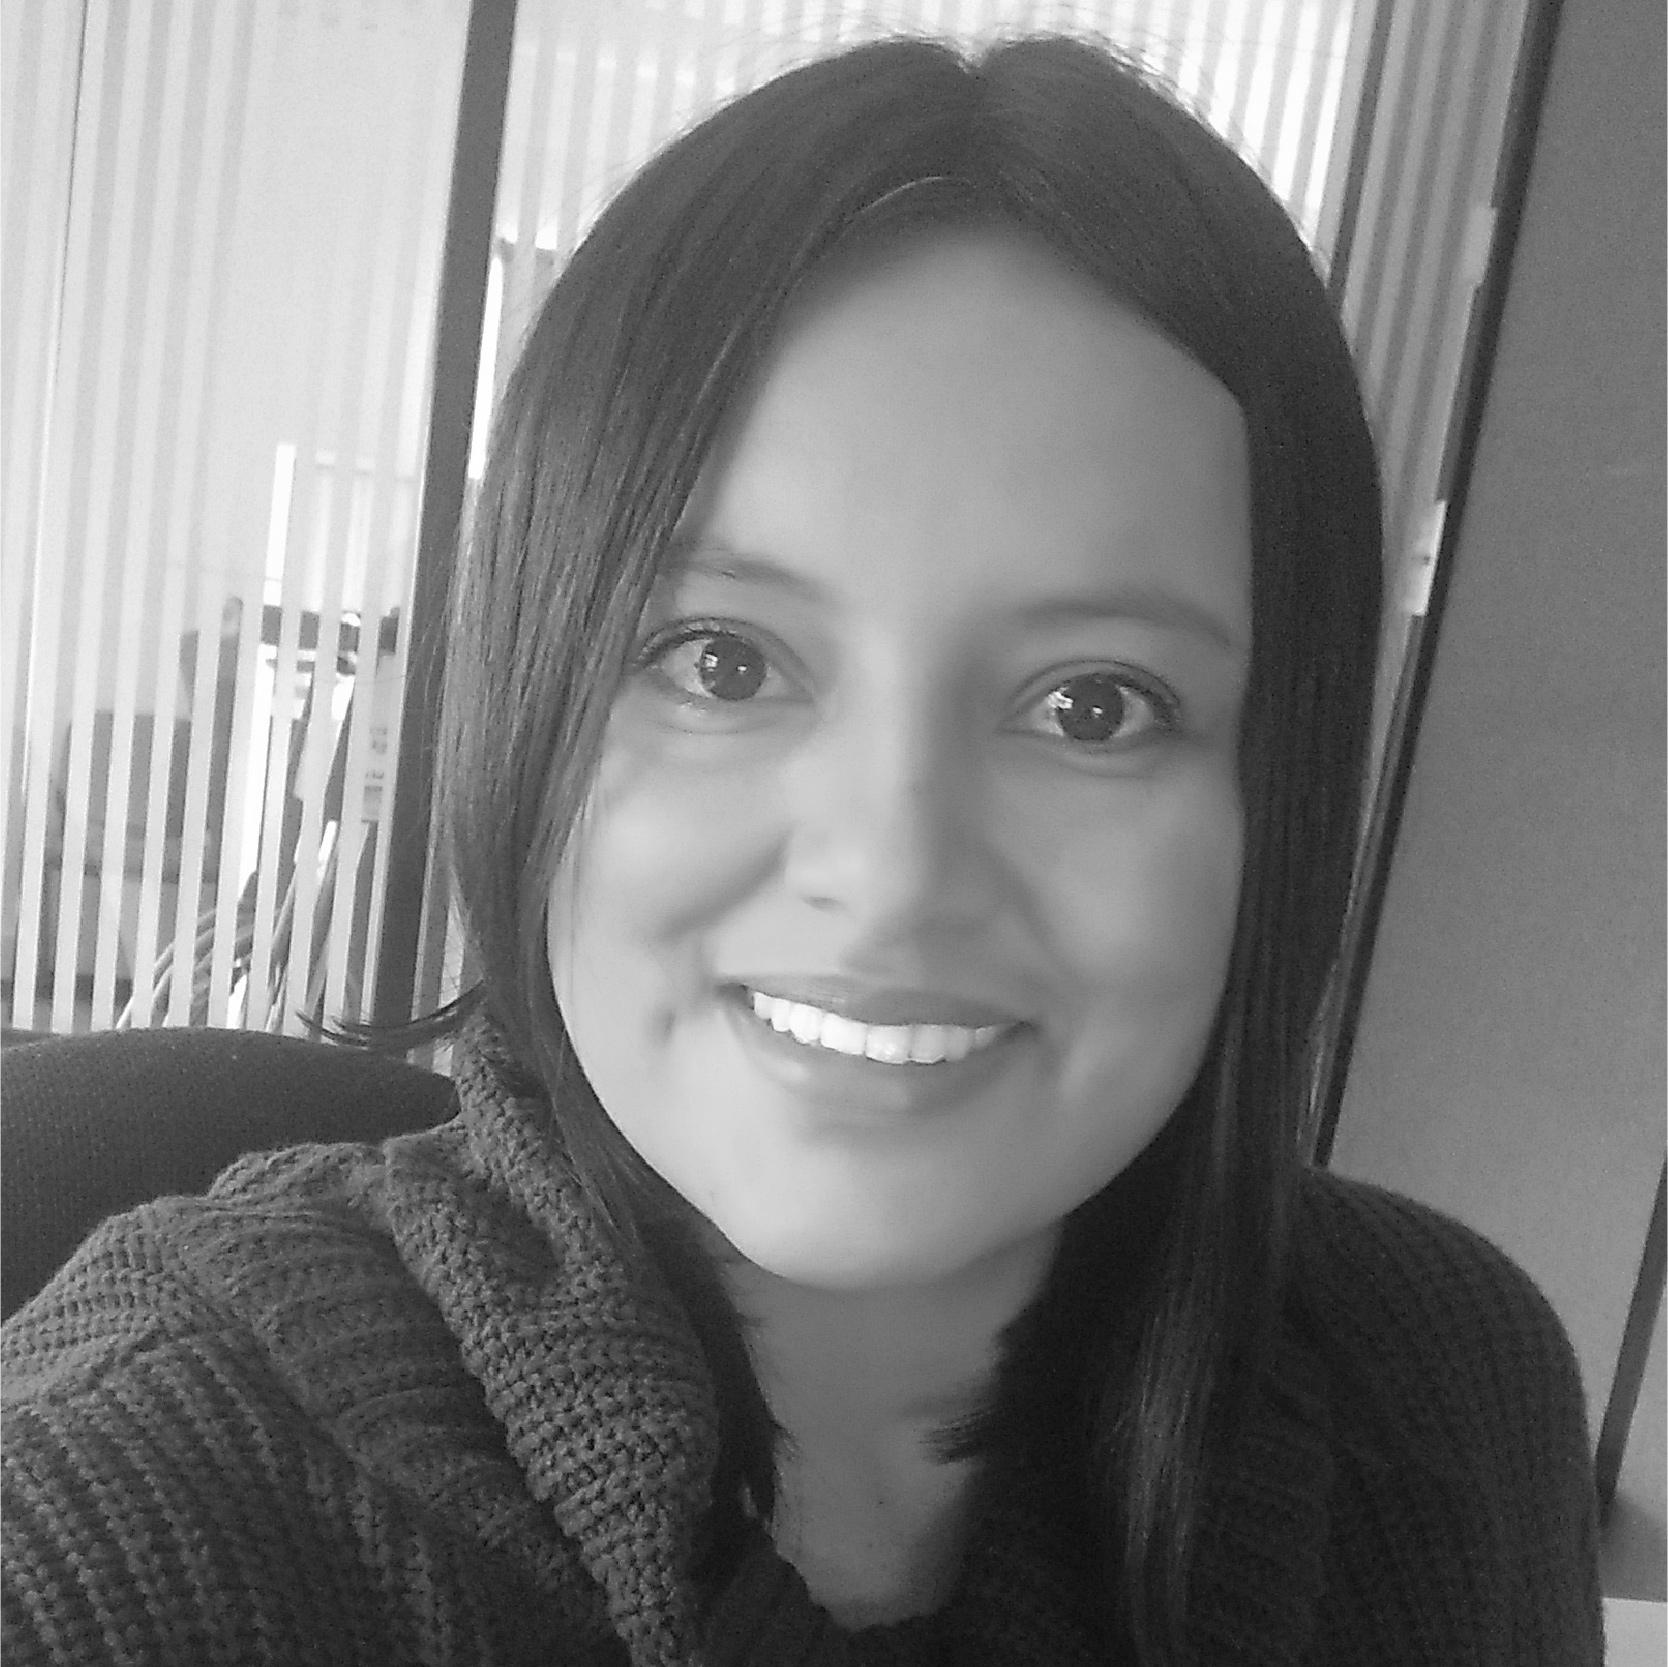 Yeimy Paola Cardenas Mora